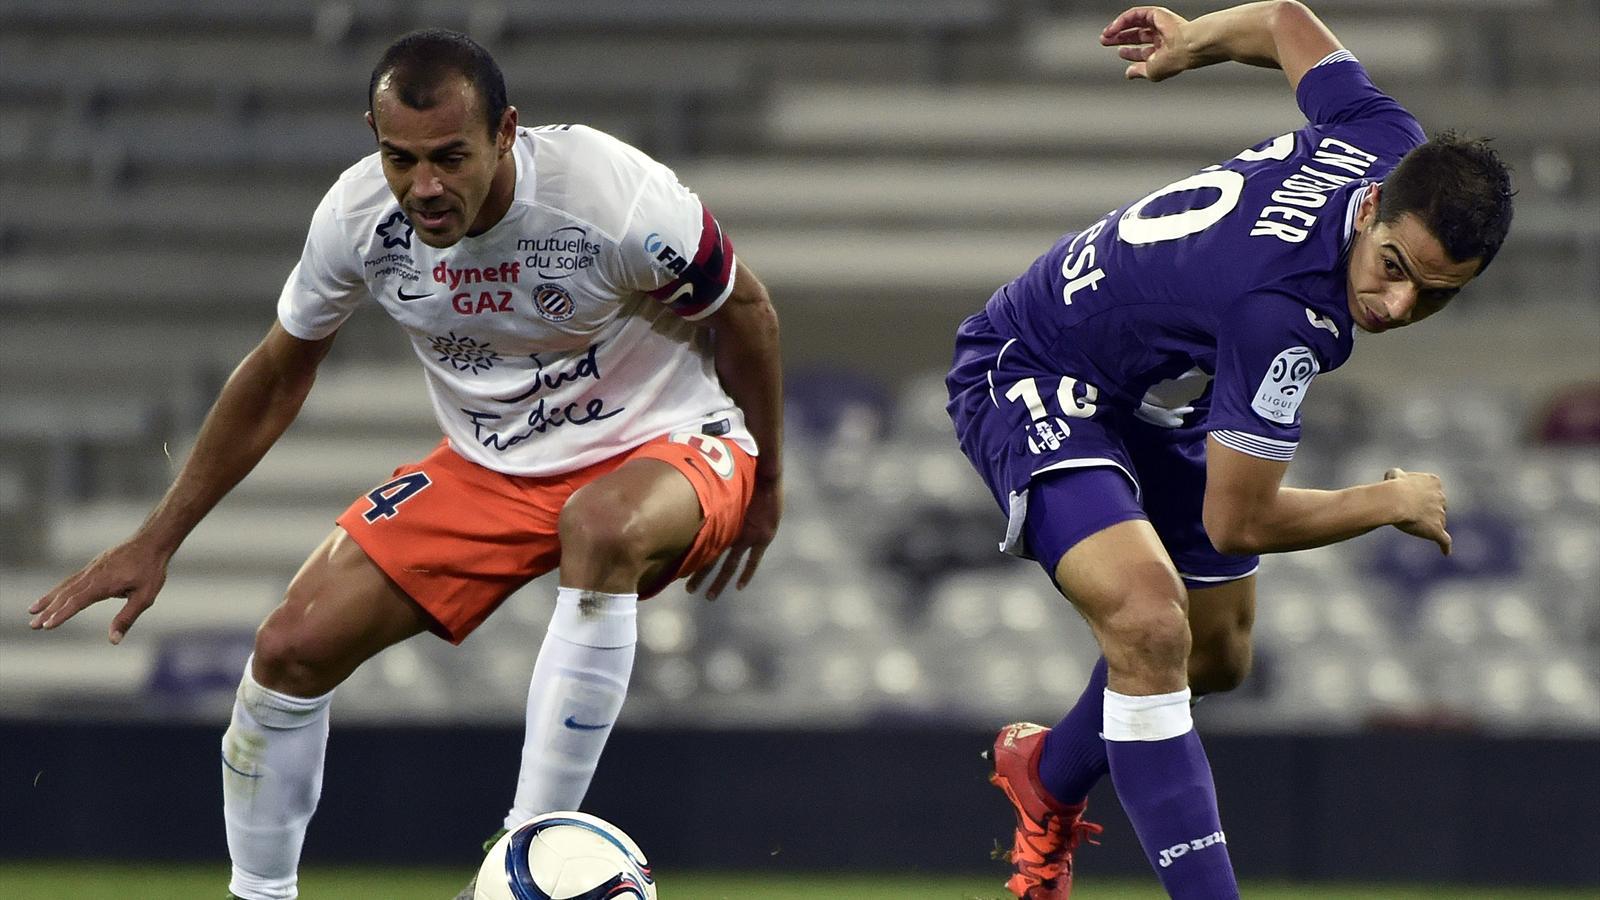 Vitorino Hilton face à Wissam Ben Yedder lors de Toulouse-Montpellier